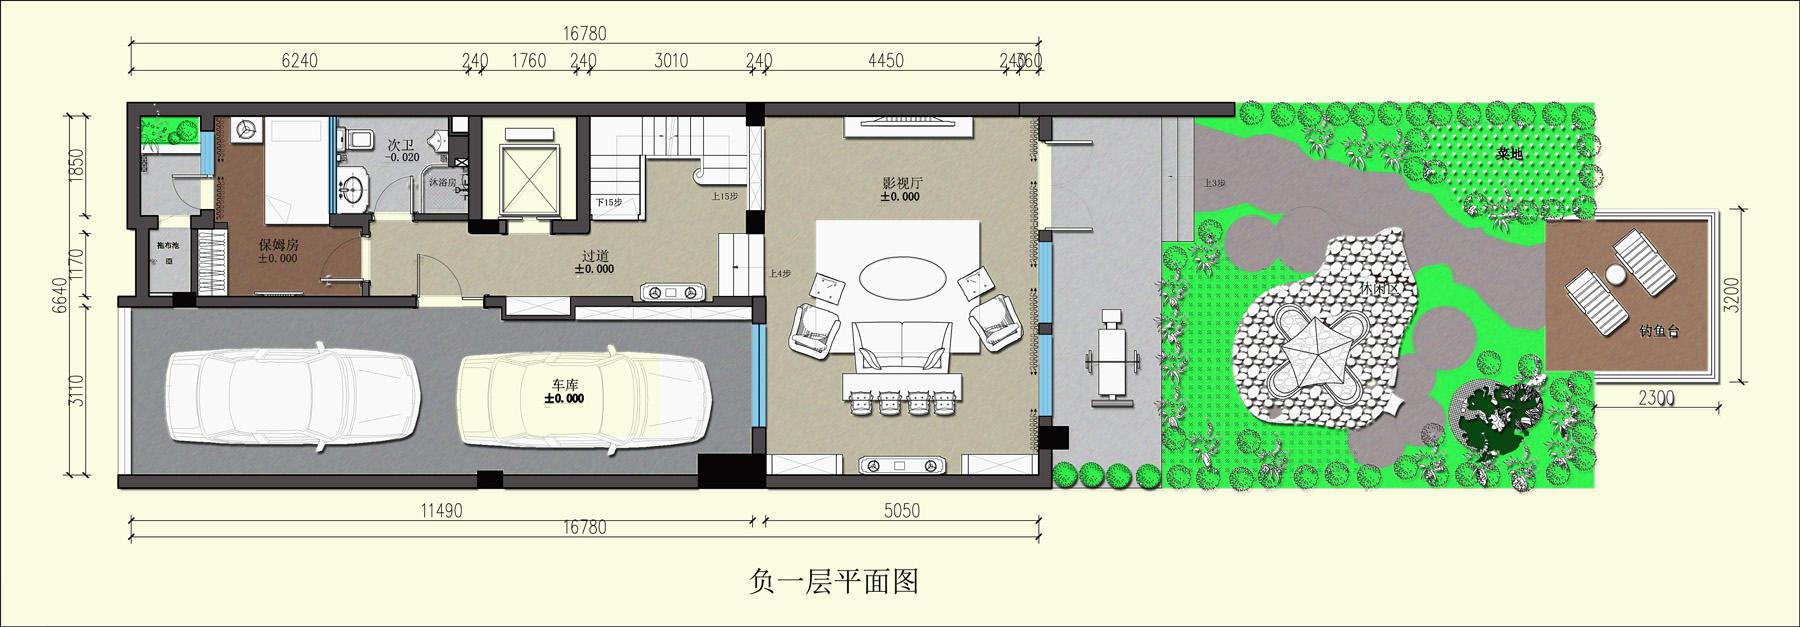 华侨城东岸450㎡别墅欧式古典风格装修效果图装修设计理念